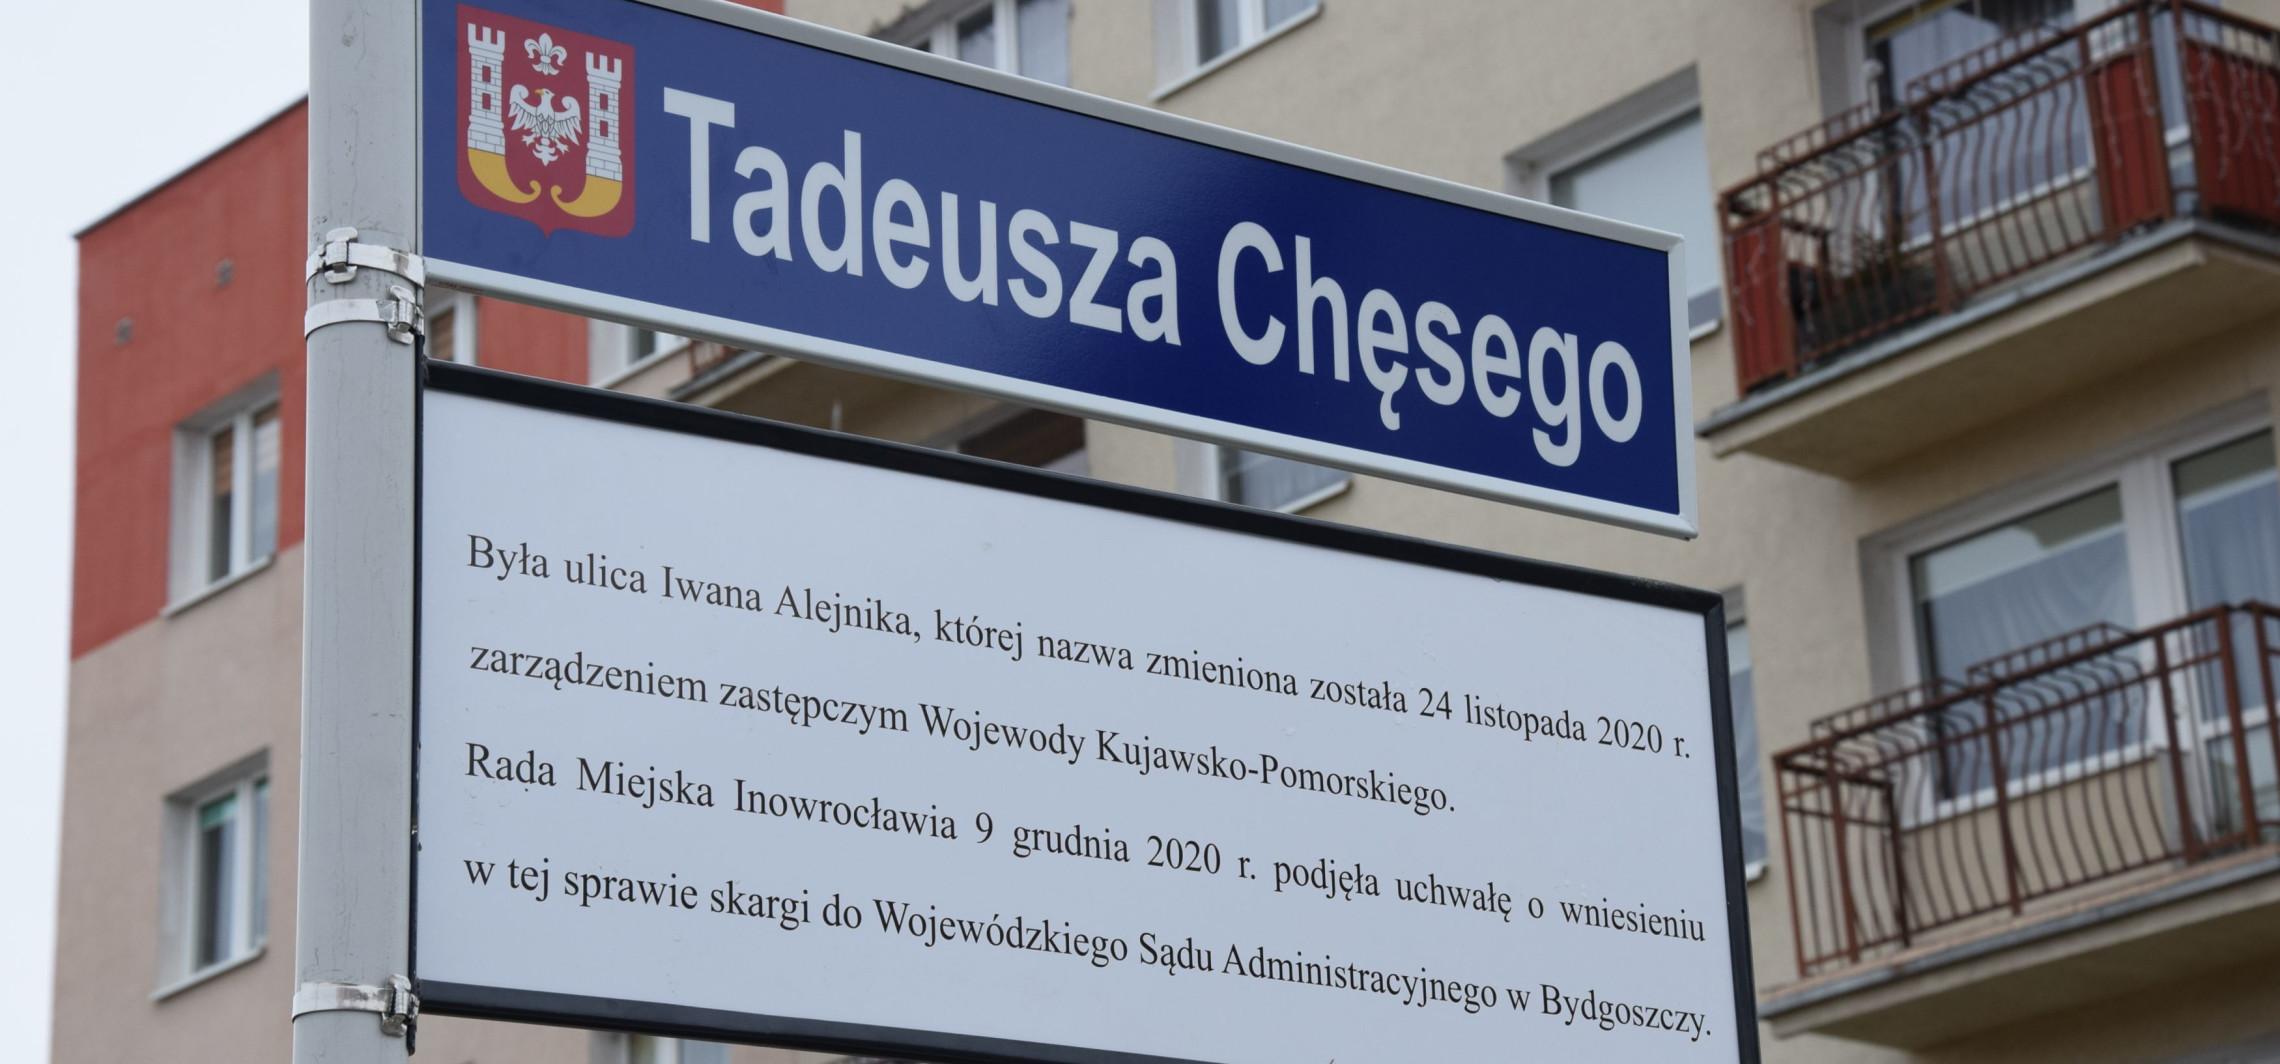 Inowrocław - Już nie Alejnika. Ratusz tłumaczy zmianę